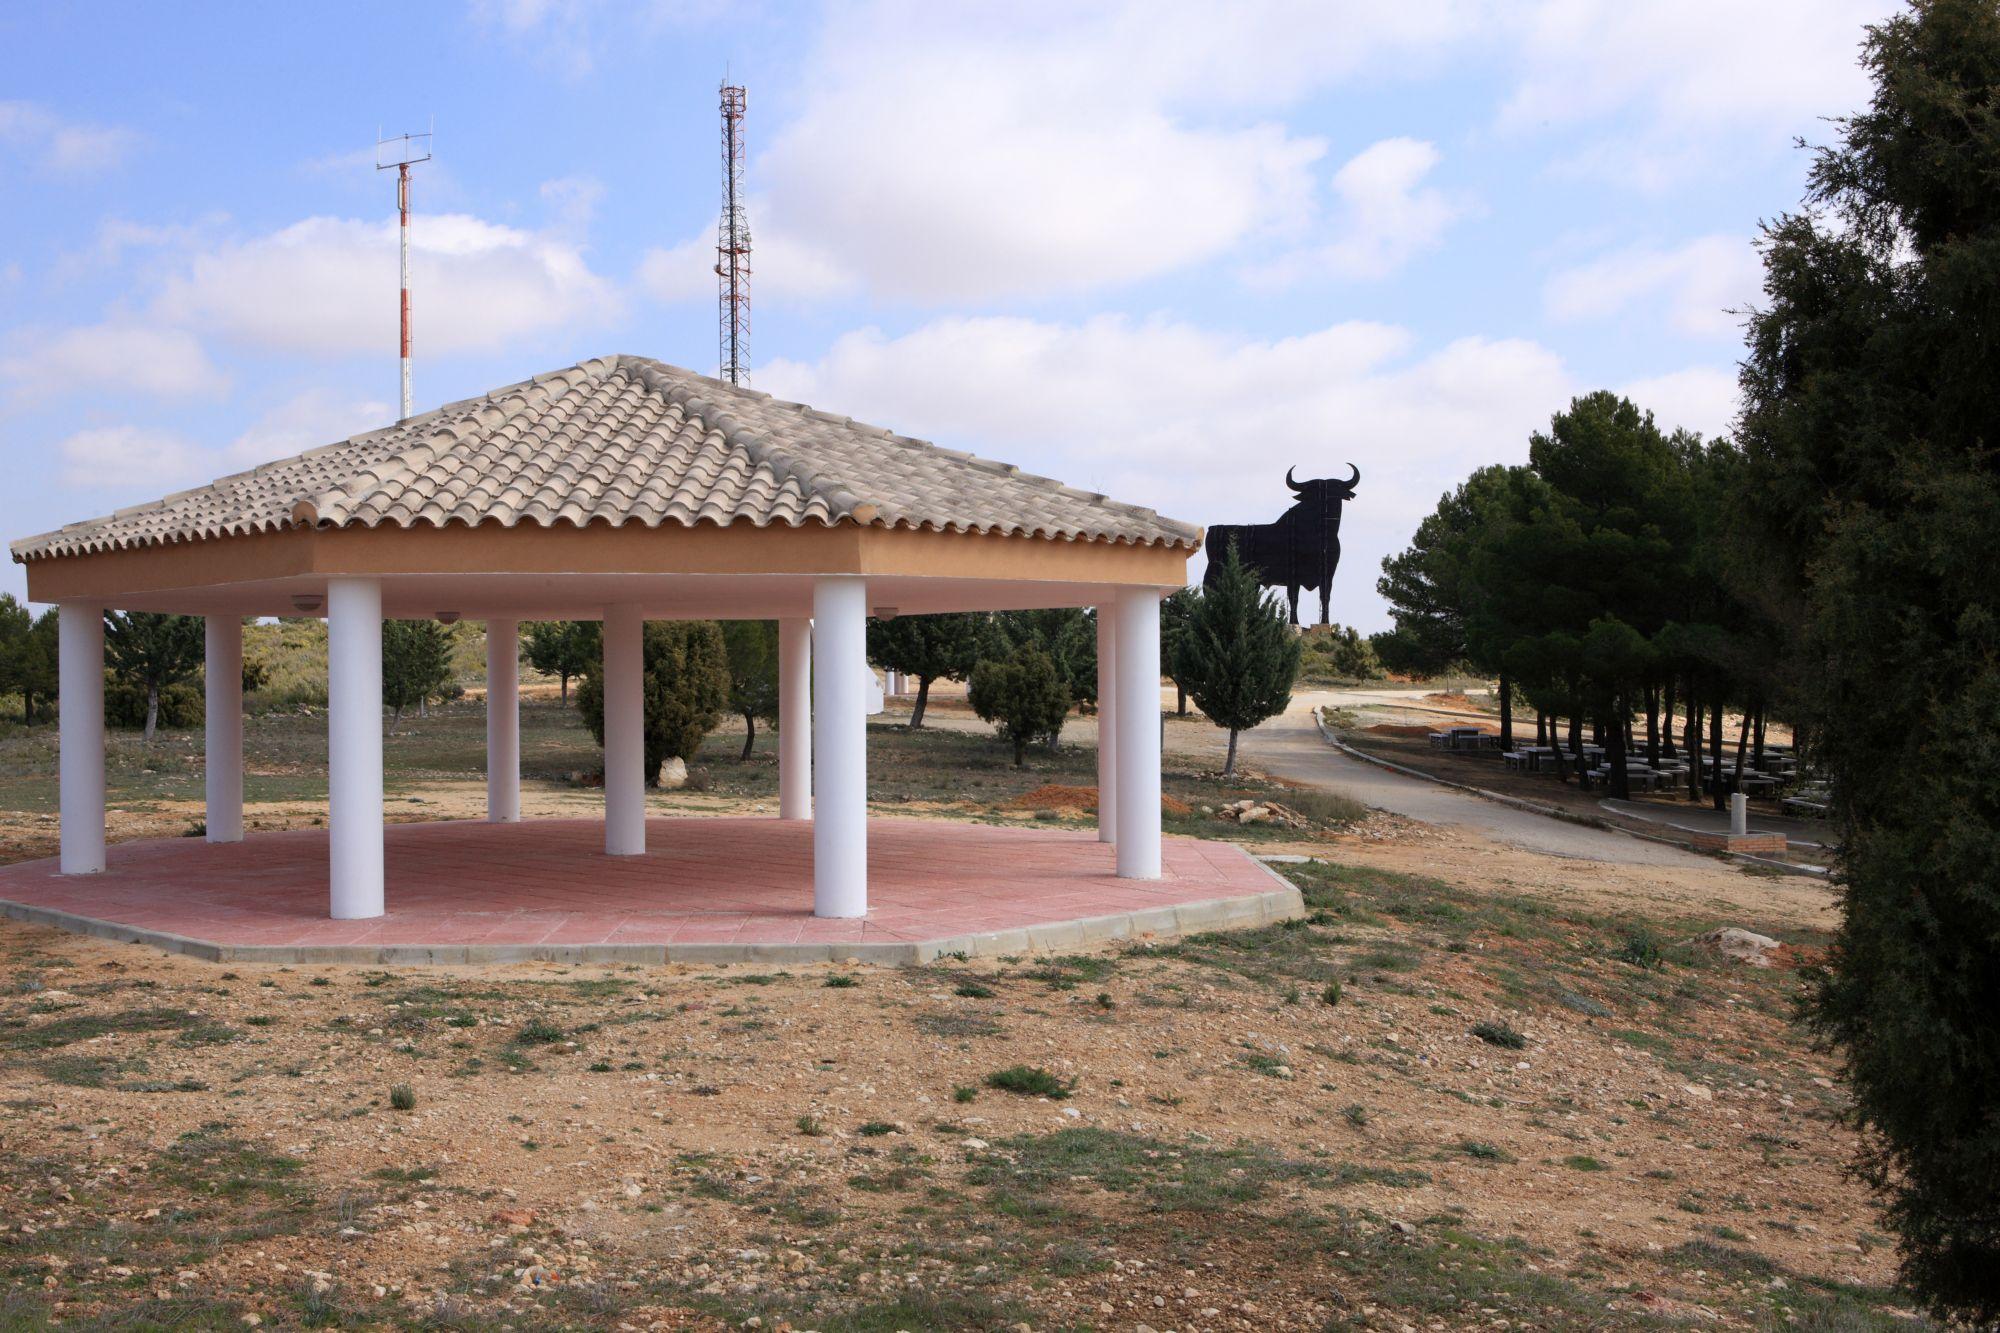 Villargordo del Cabriel construirà un dipòsit d'aigua potable per a abastir a tot el poble amb 150.000 euros procedents del SOM.